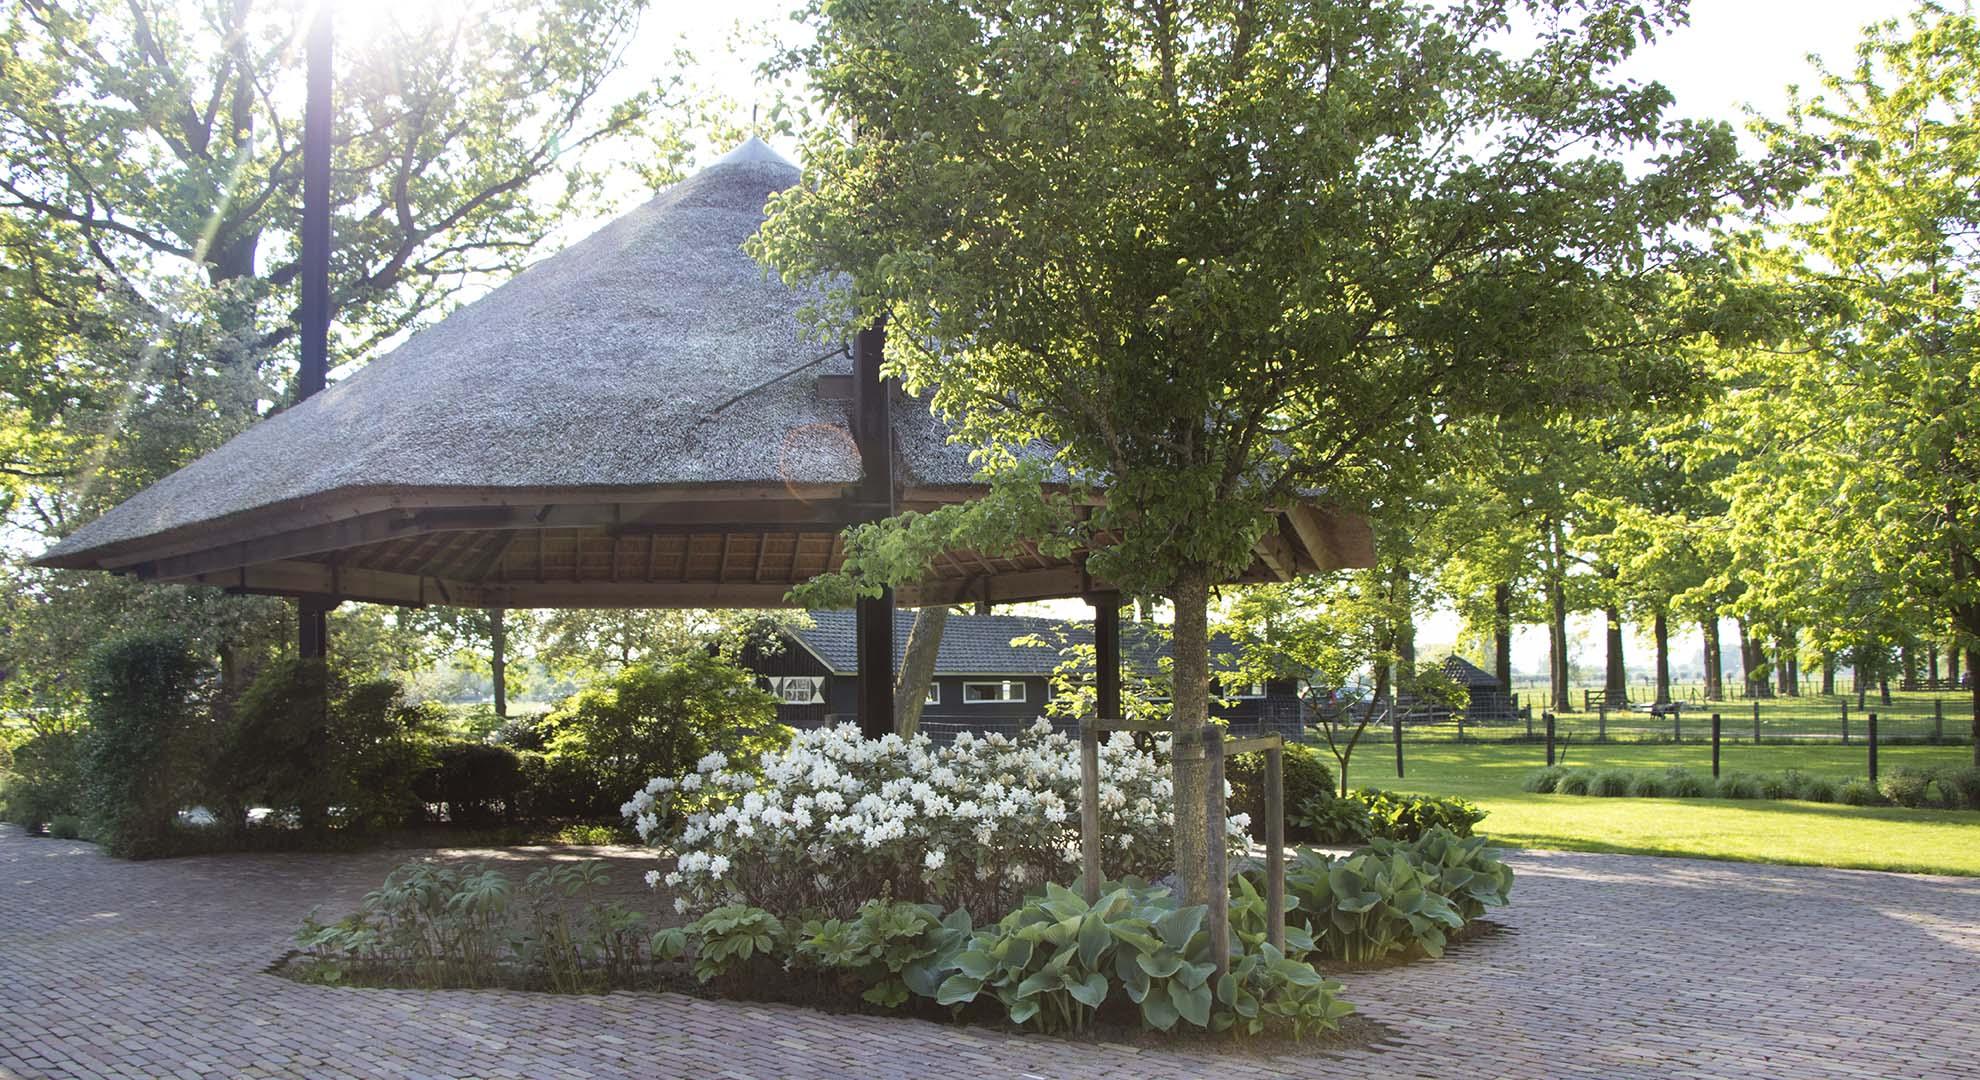 Boerderijtuin bij landgoed Woerden - Foto 3